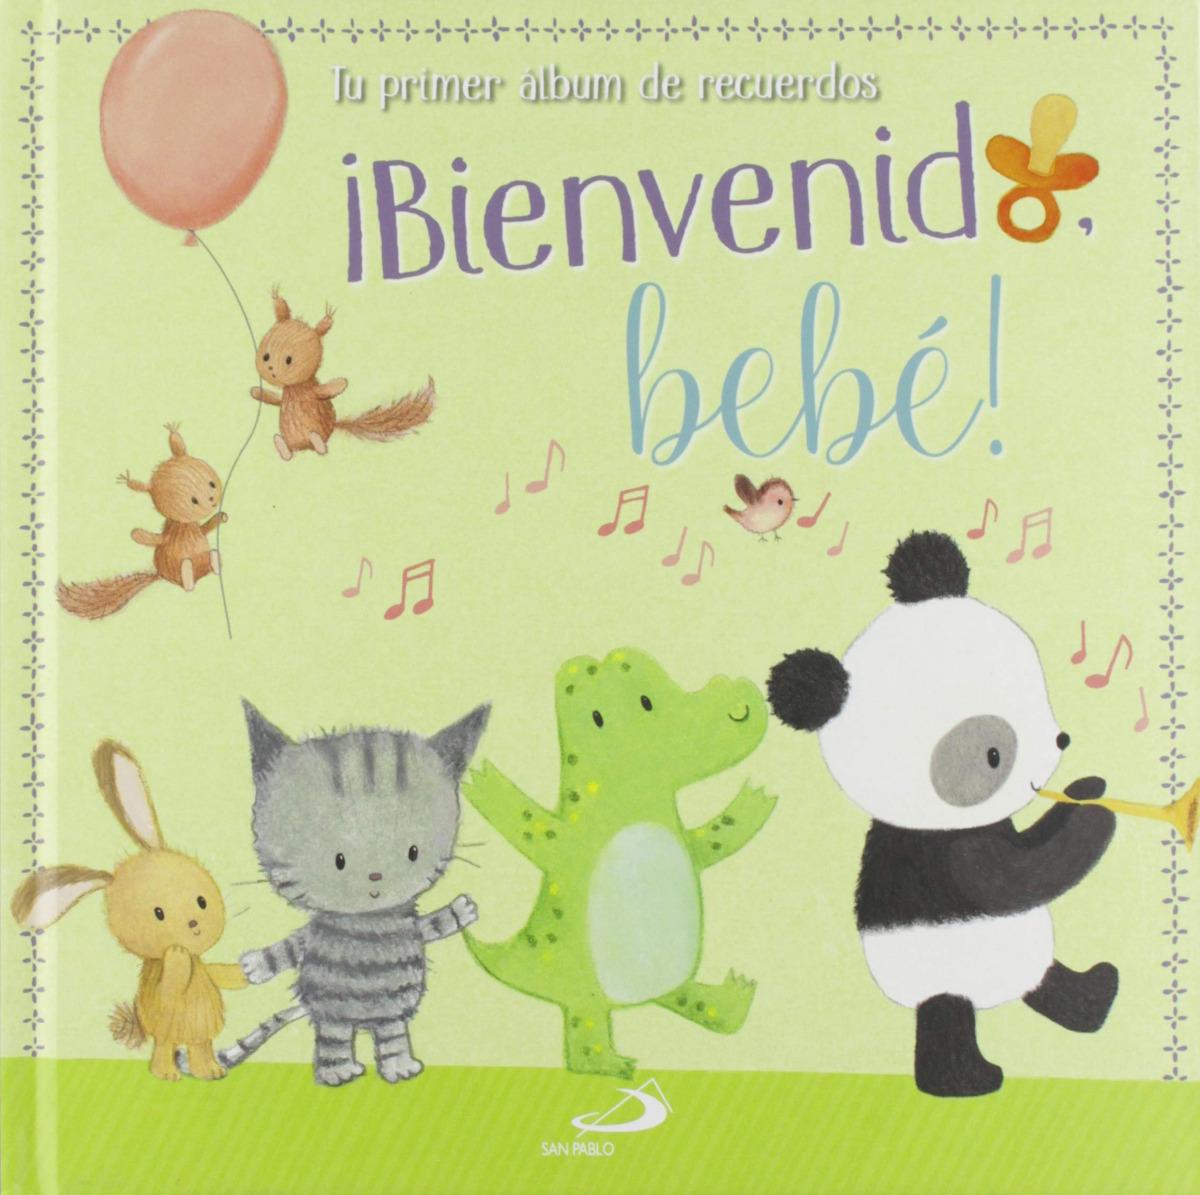 BIENVENIDO, BEBE! 9788428556224